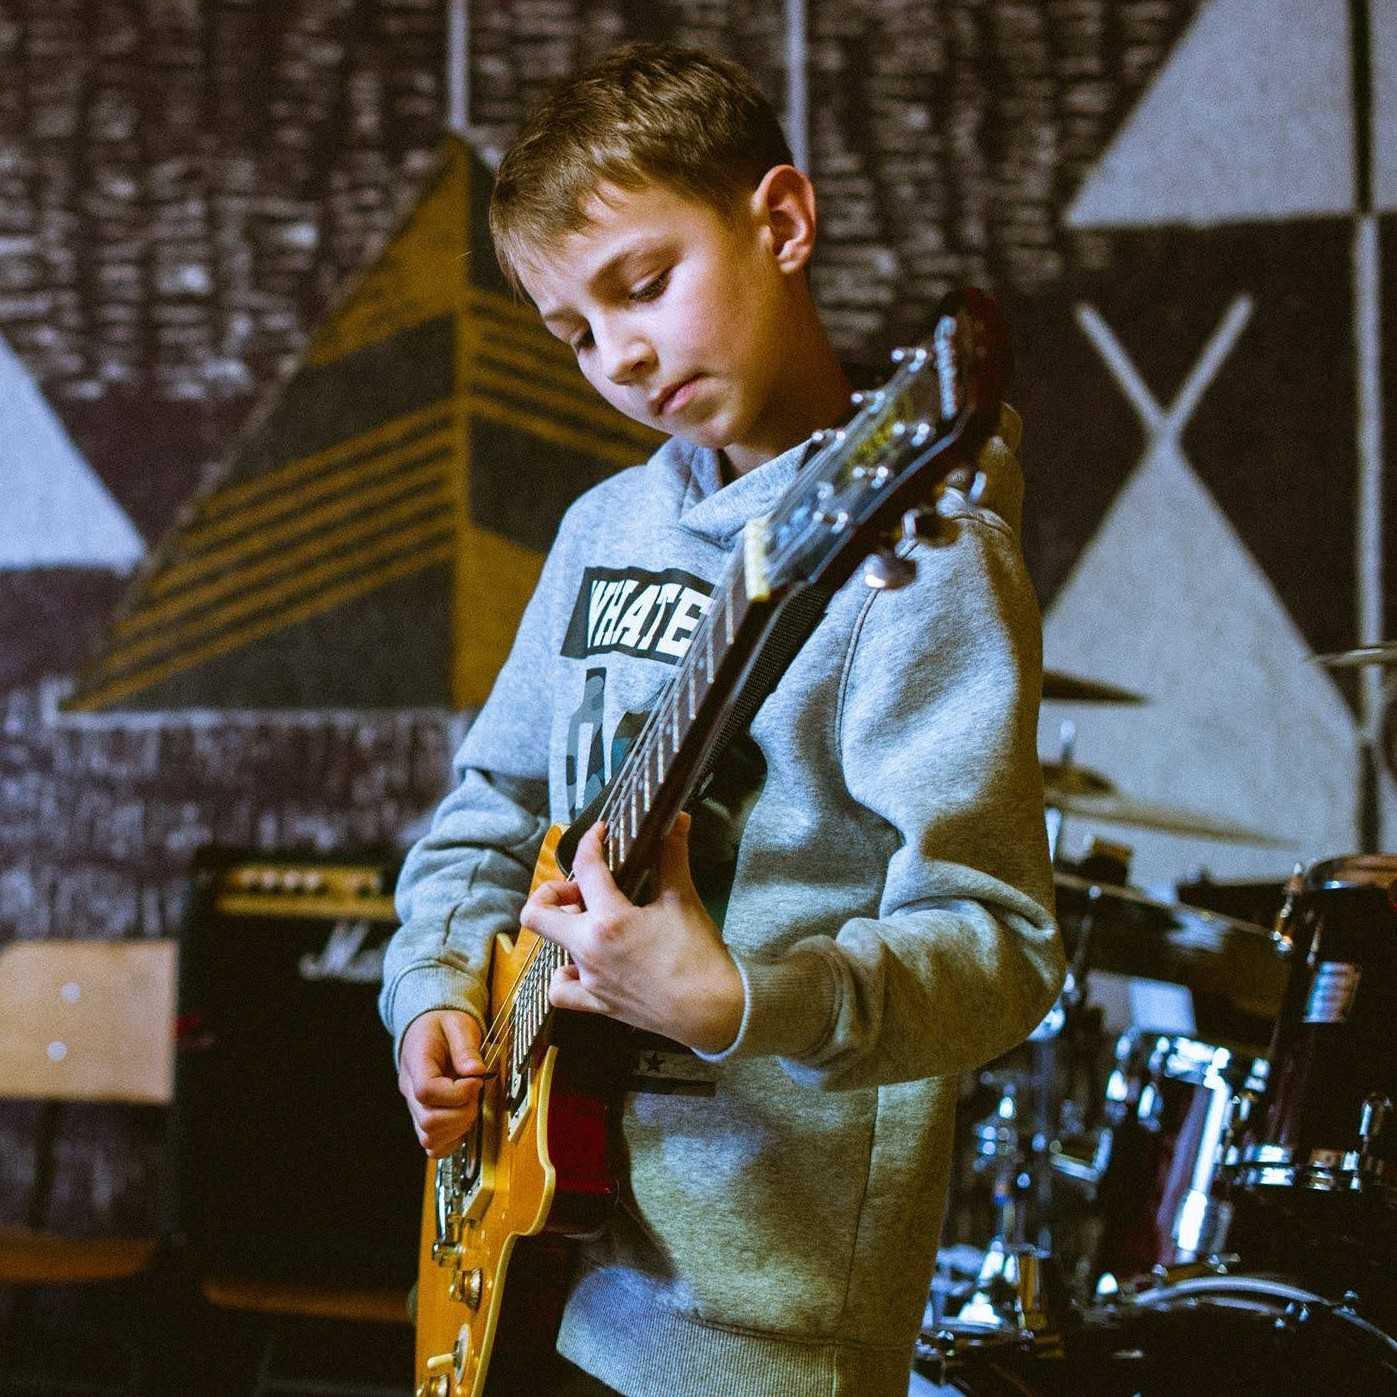 učenje električne kitare